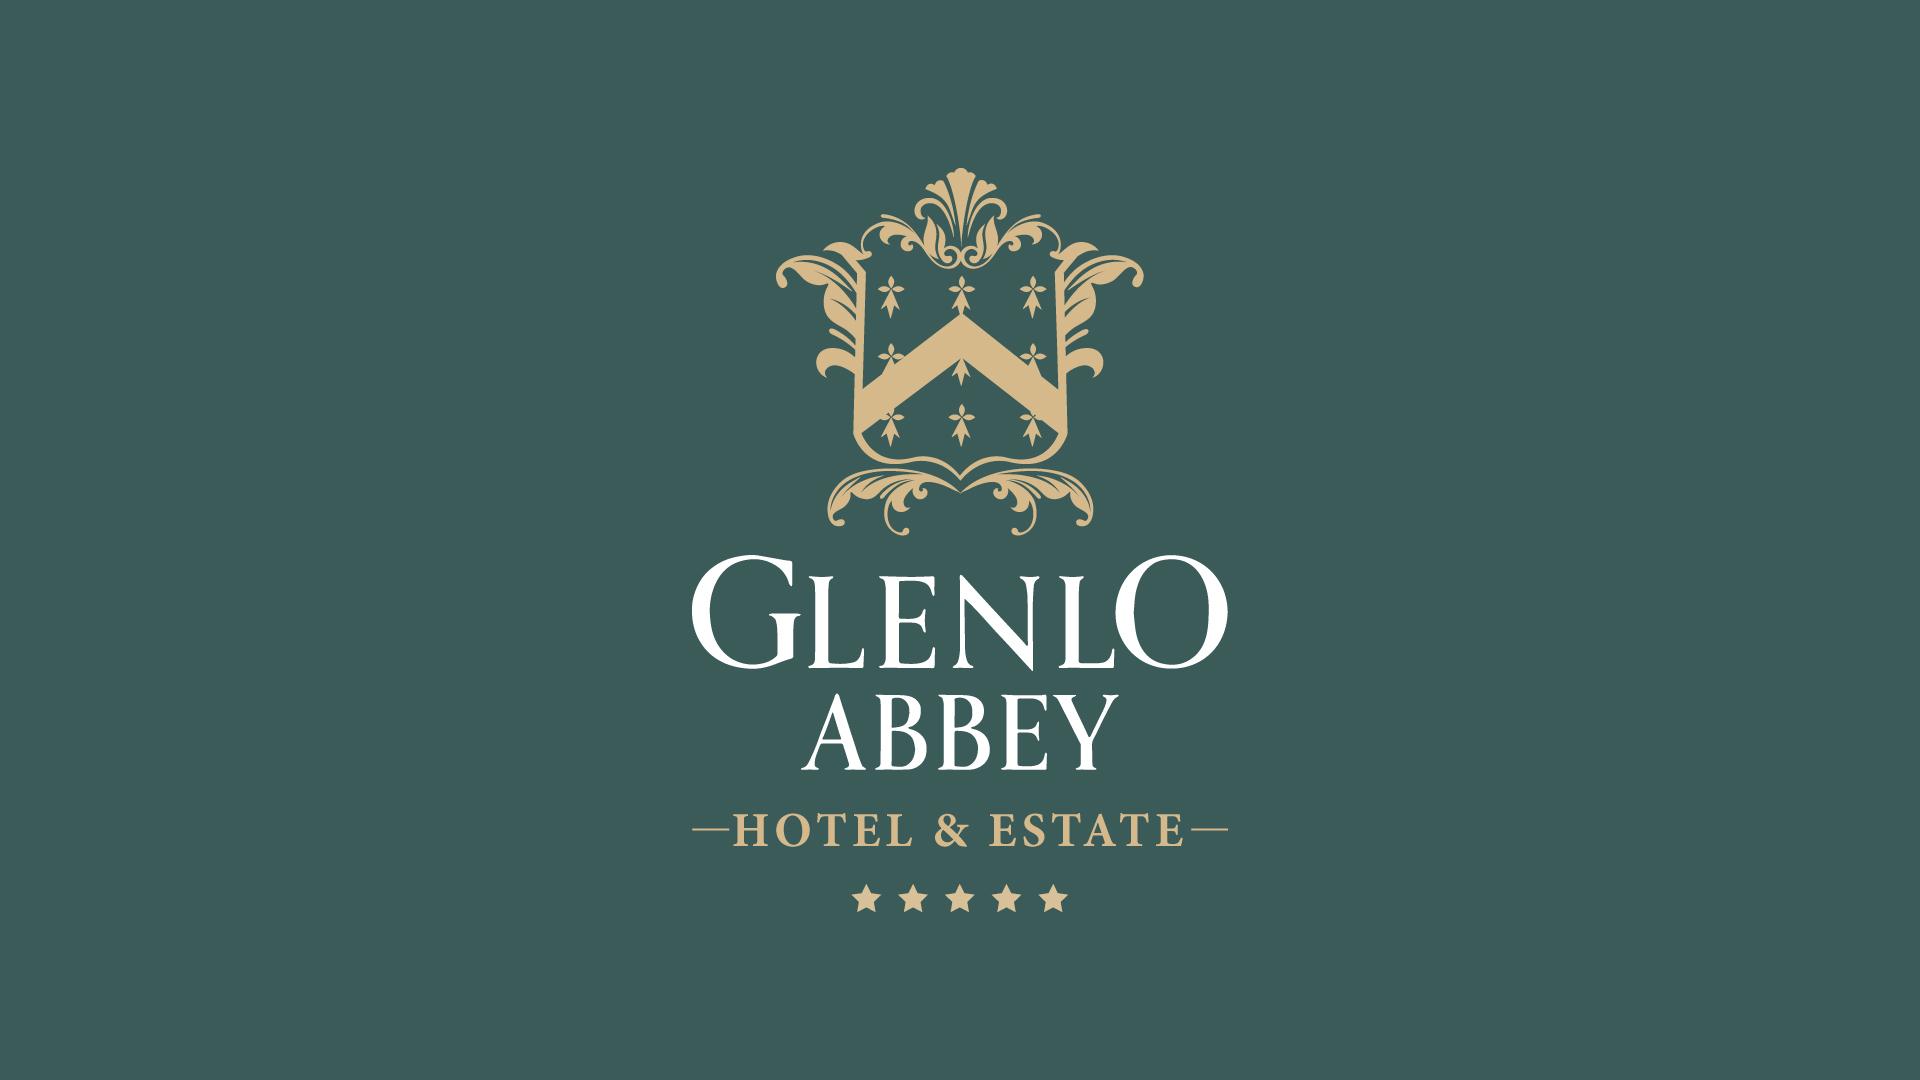 Cover image: Glenlo Abbey Hotel & Estate